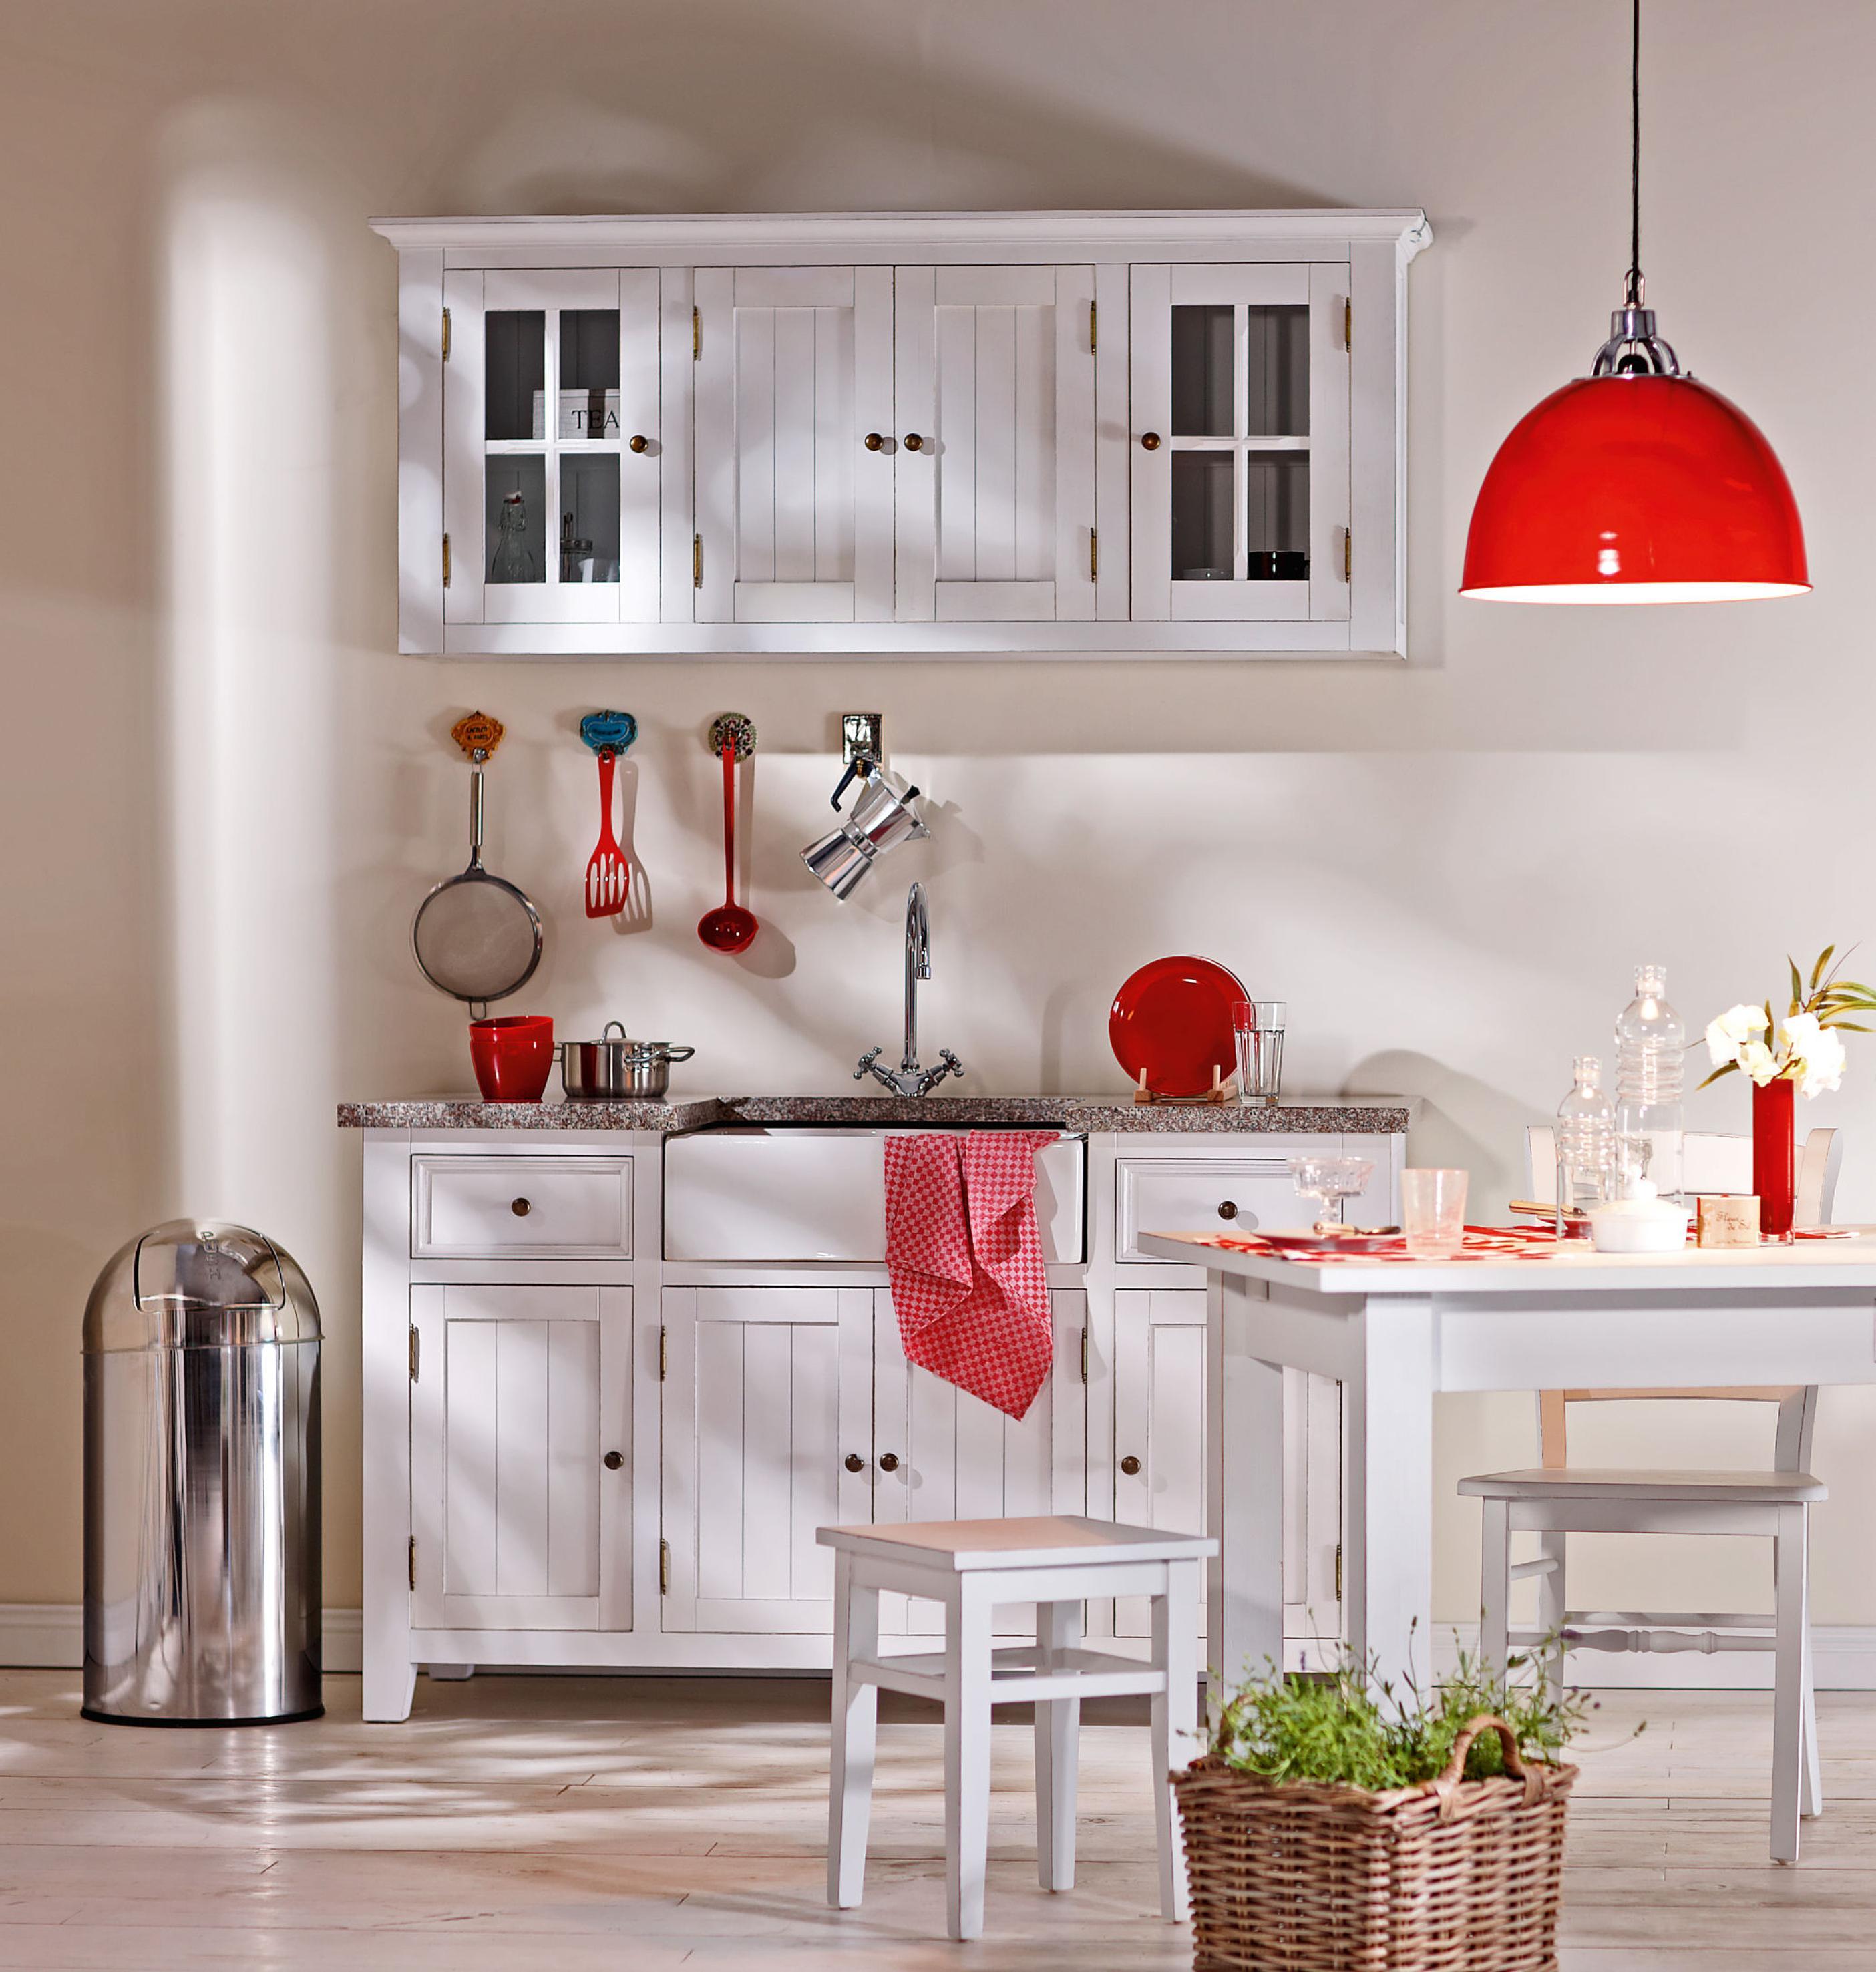 Esszimmer Landhausstil • Bilder & Ideen • Couchstyle